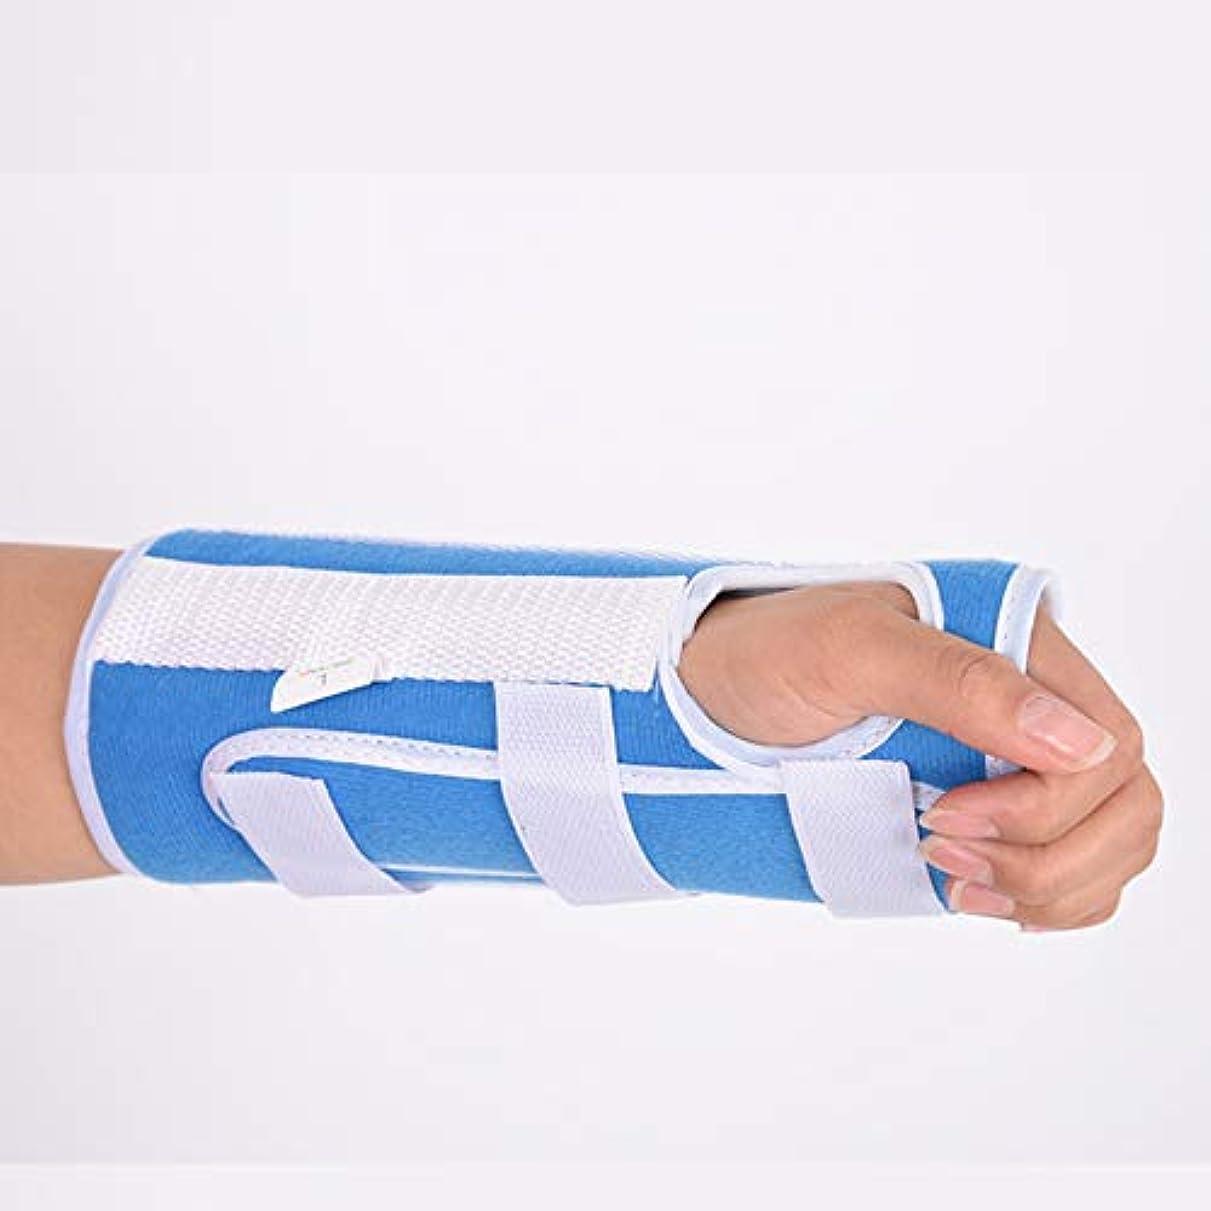 発動機障害者夢中手根管用手首装具、関節炎および腱炎用の快適で調整可能な手首支持装具、左手と右手の両方に適合,S